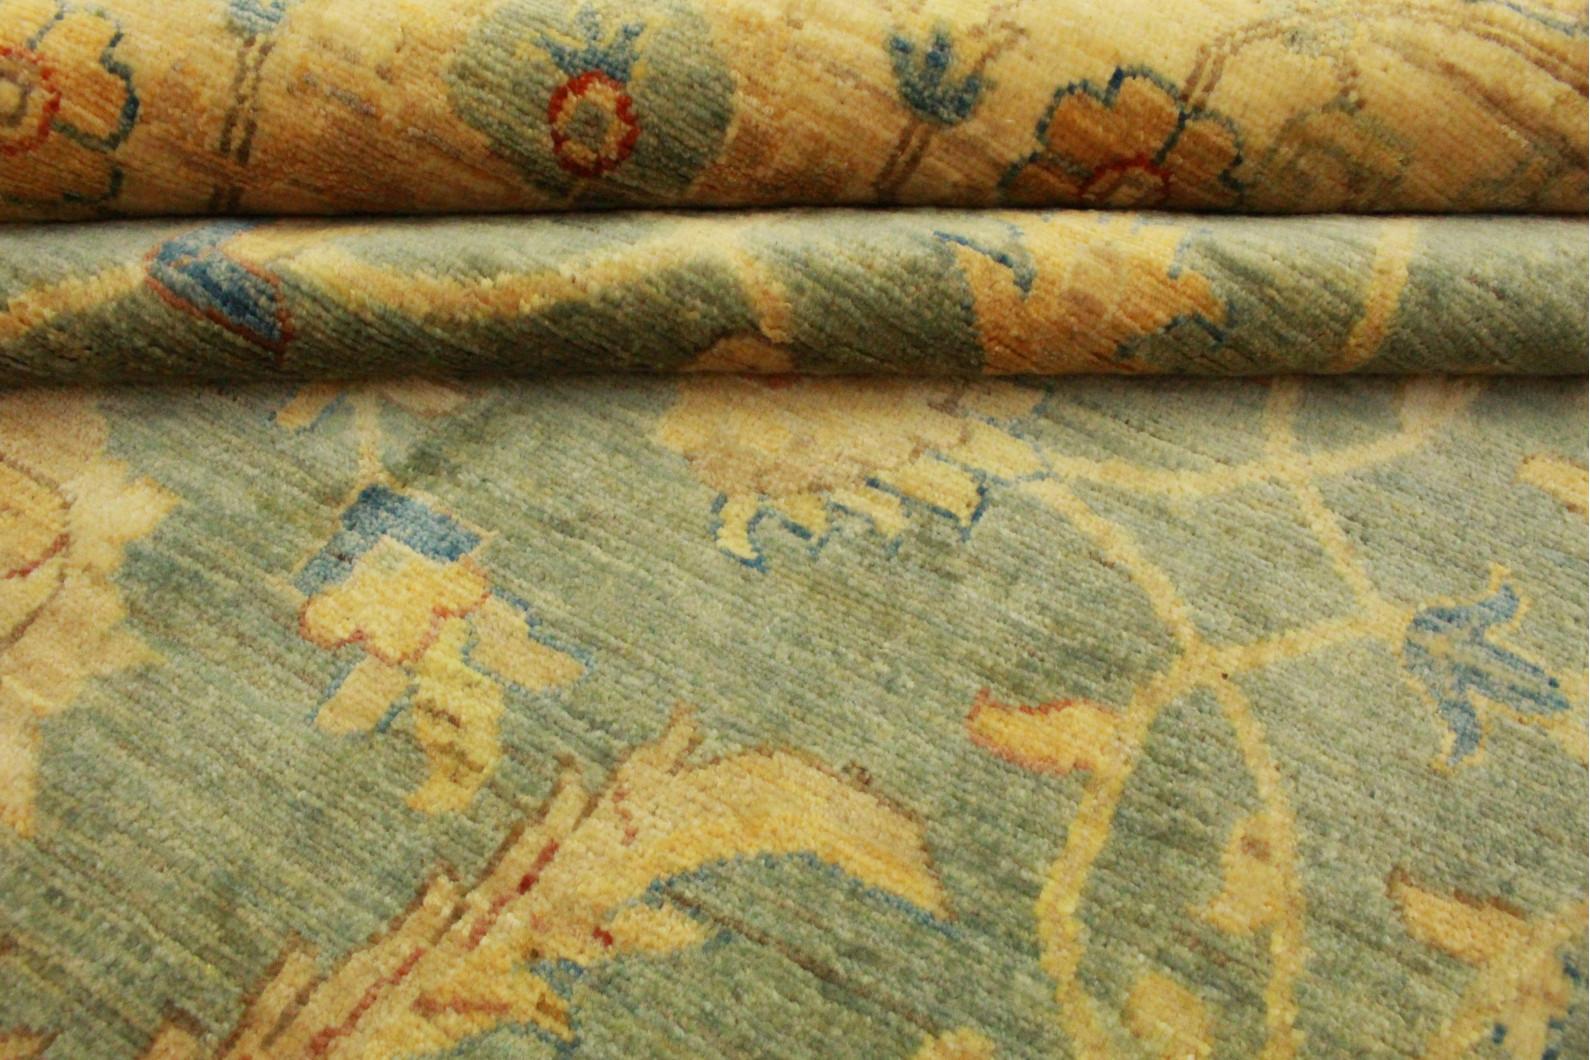 ziegler teppich rund beige blau in 245x245cm 5001 707 bei kaufen. Black Bedroom Furniture Sets. Home Design Ideas